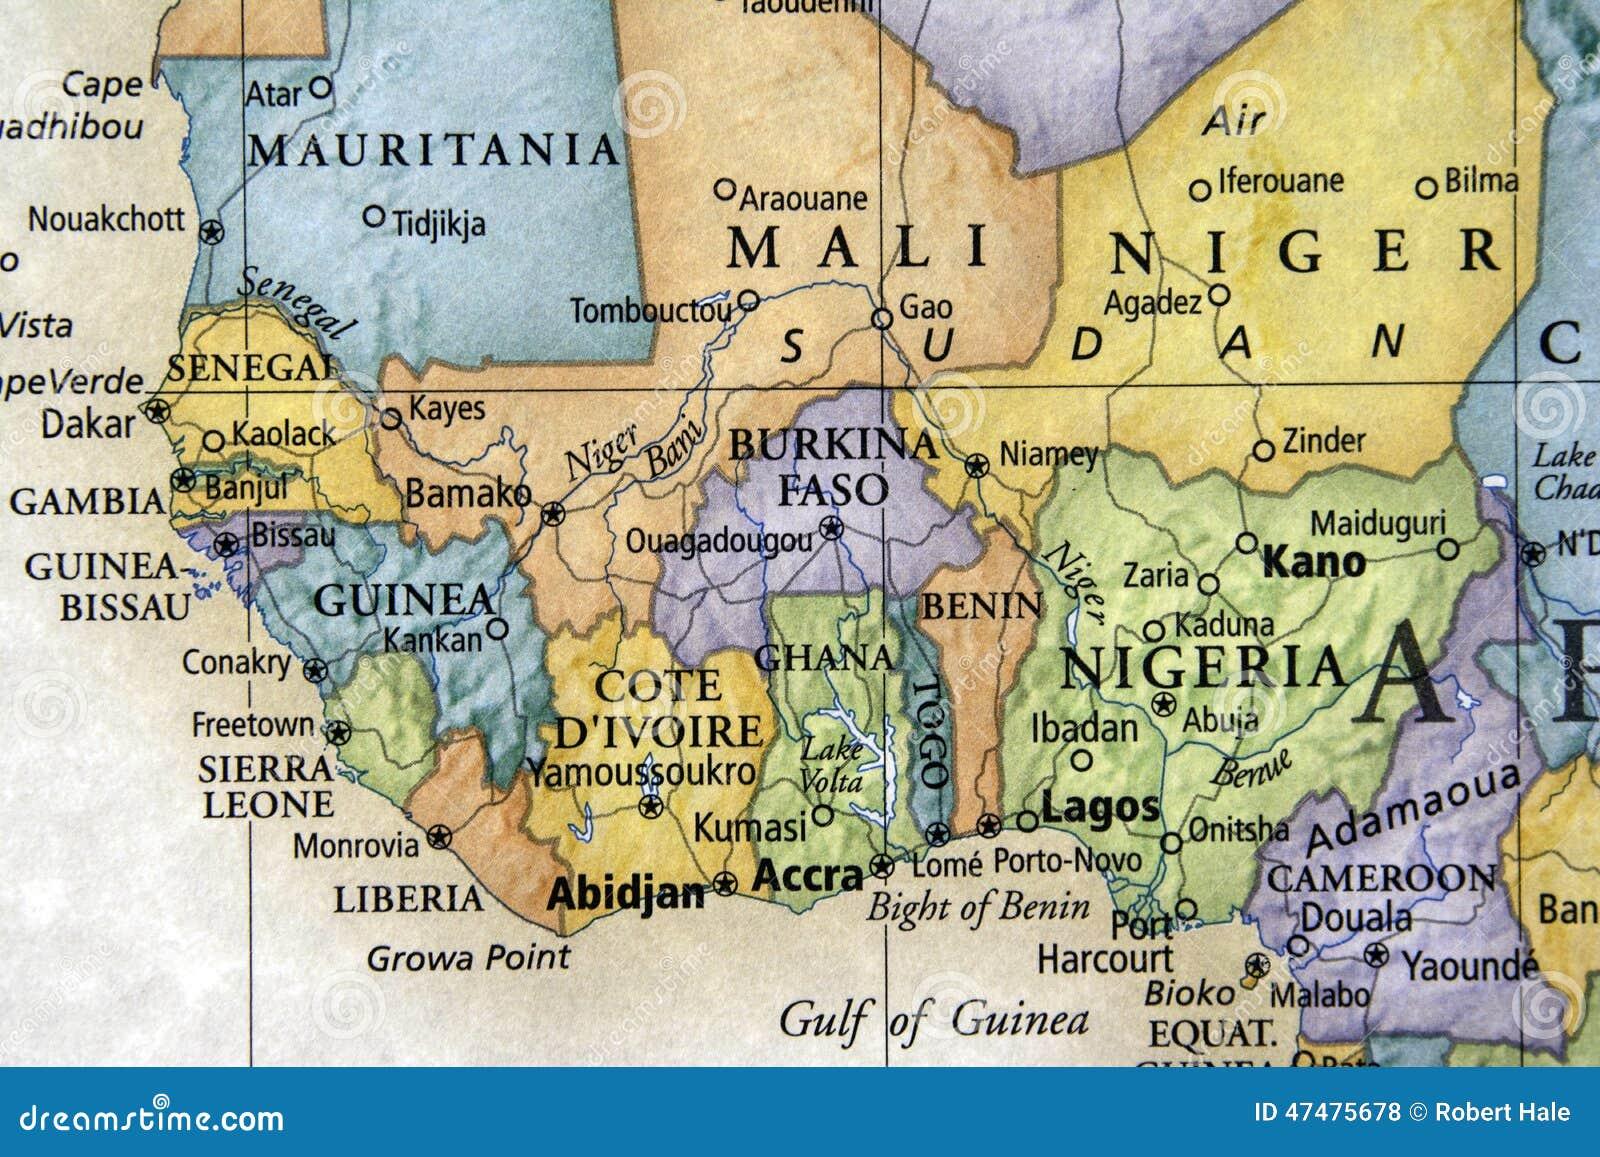 Afryka Zachodnia Zdjecie Stock Obraz Zlozonej Z Rzadki 47475678